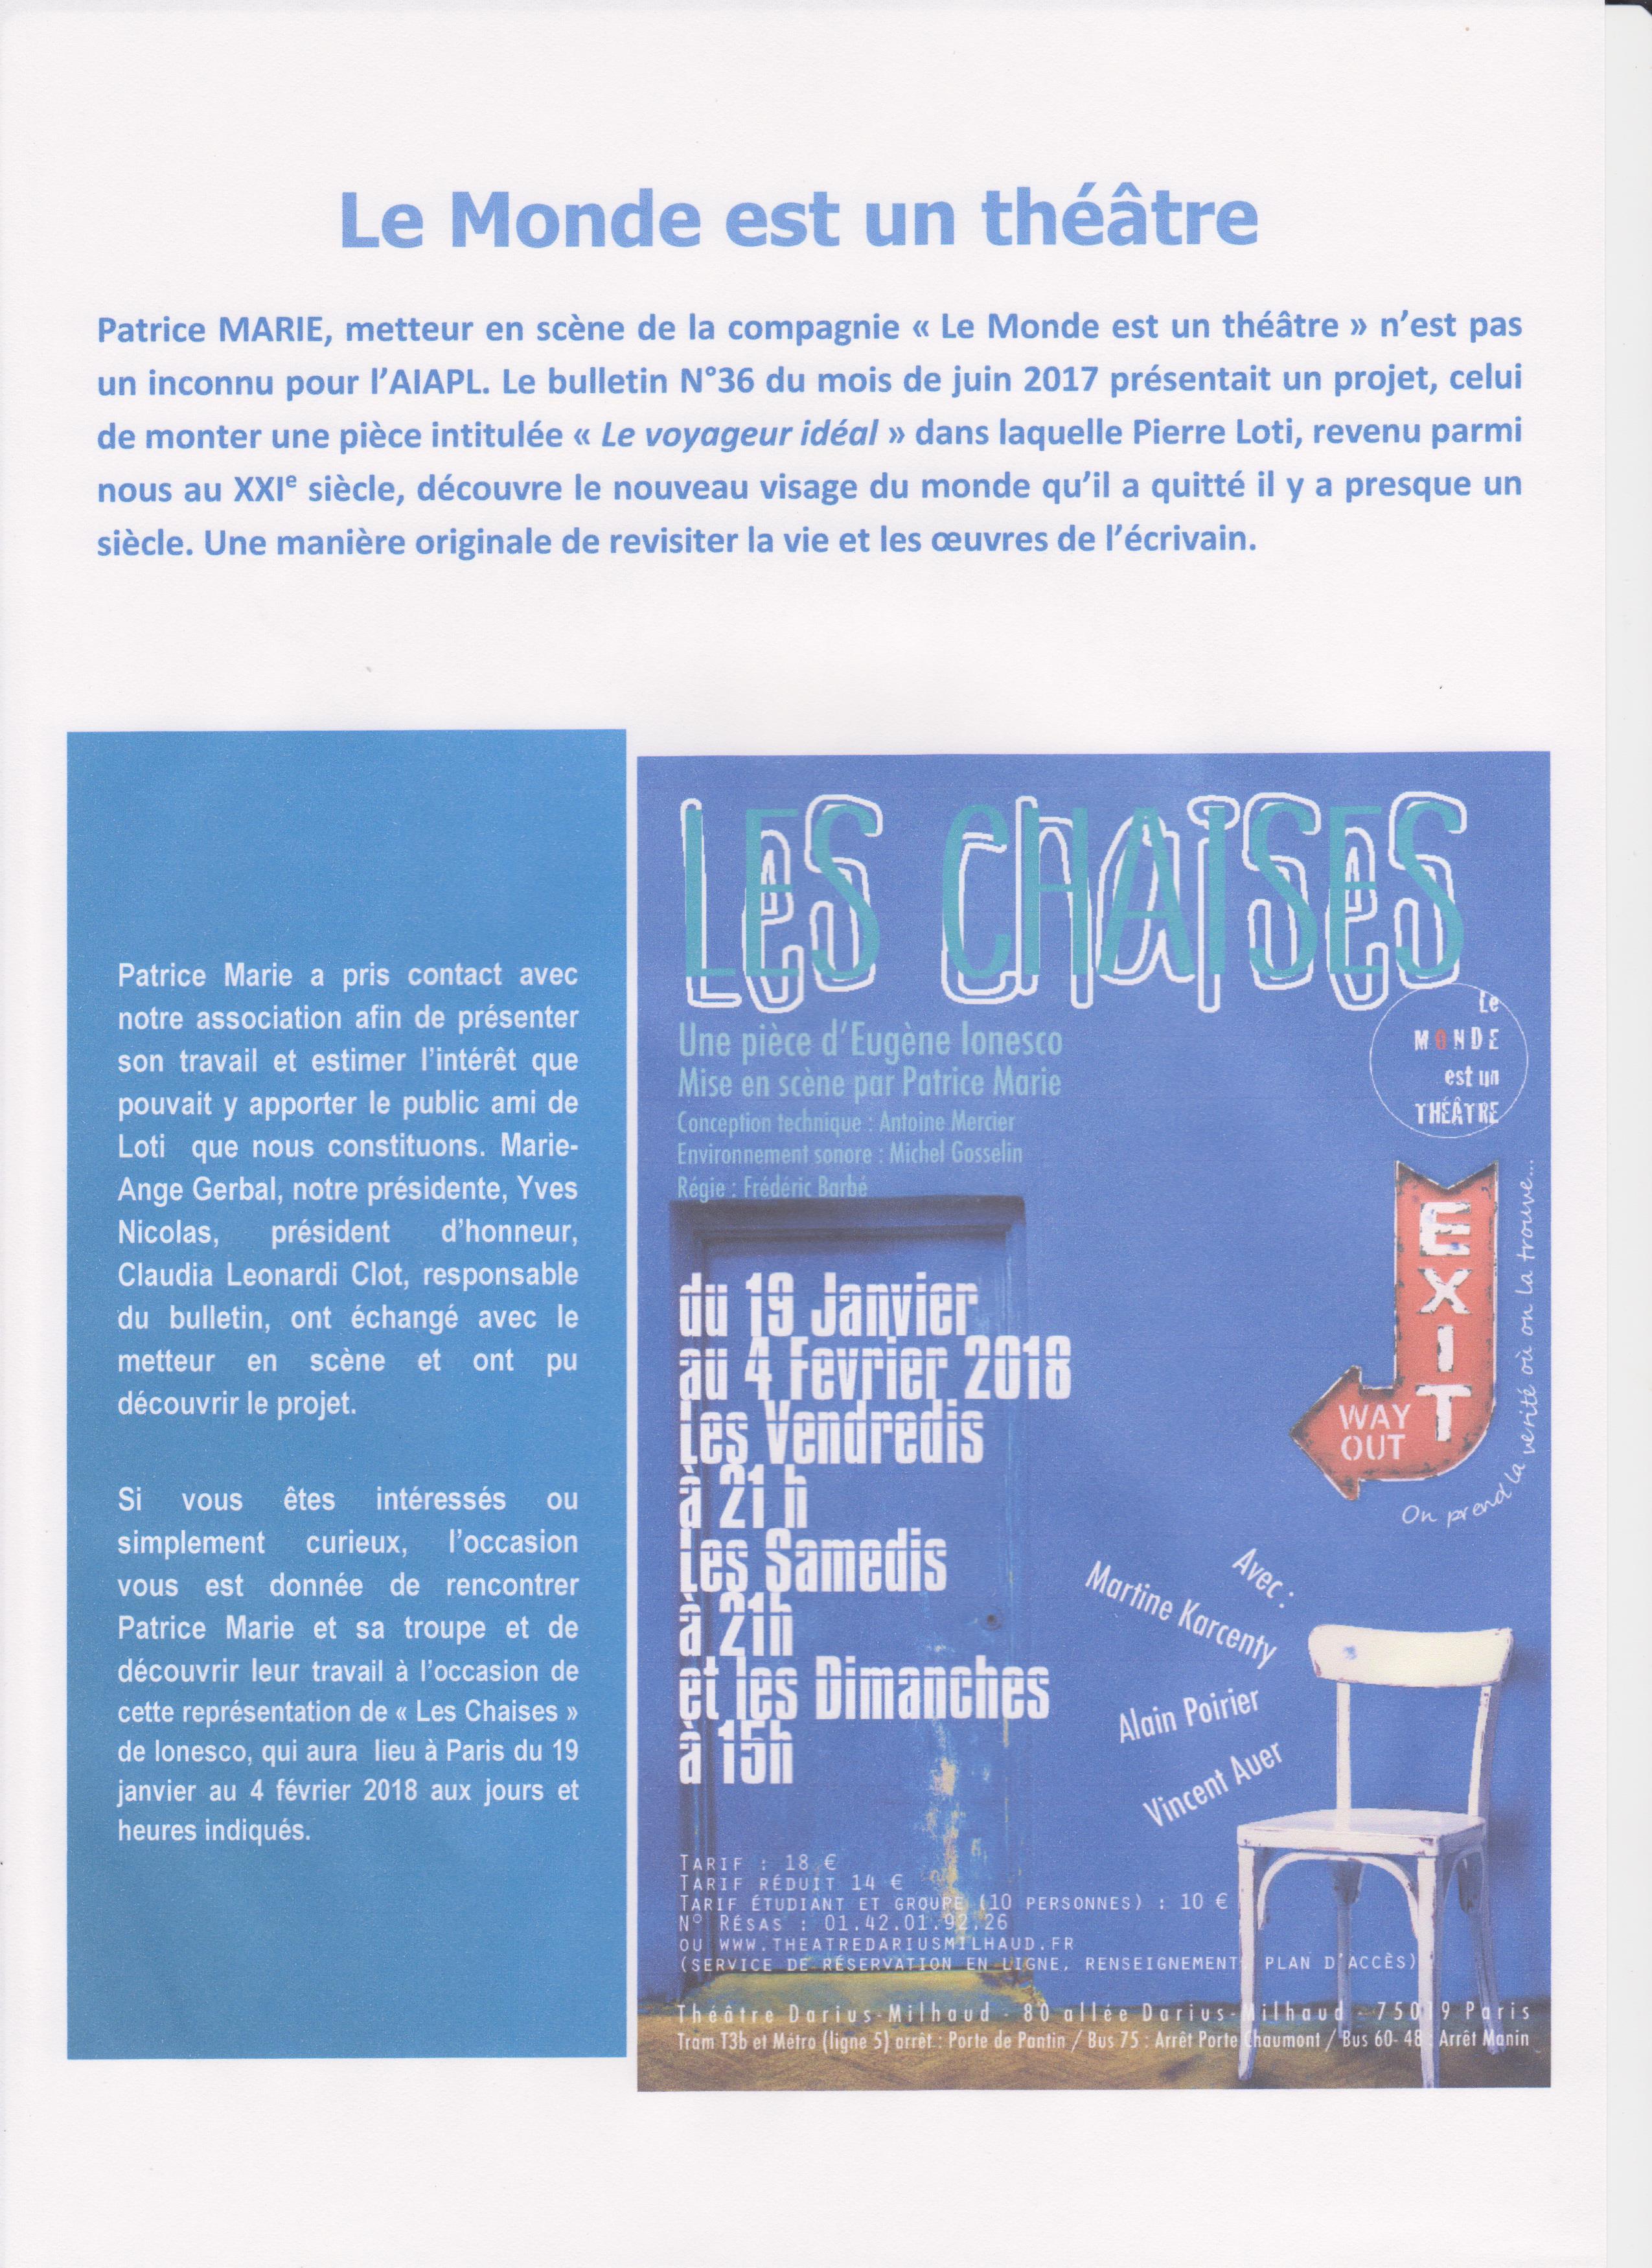 Le Monde est un théâtre-Claudia-dernière versioj corrigée